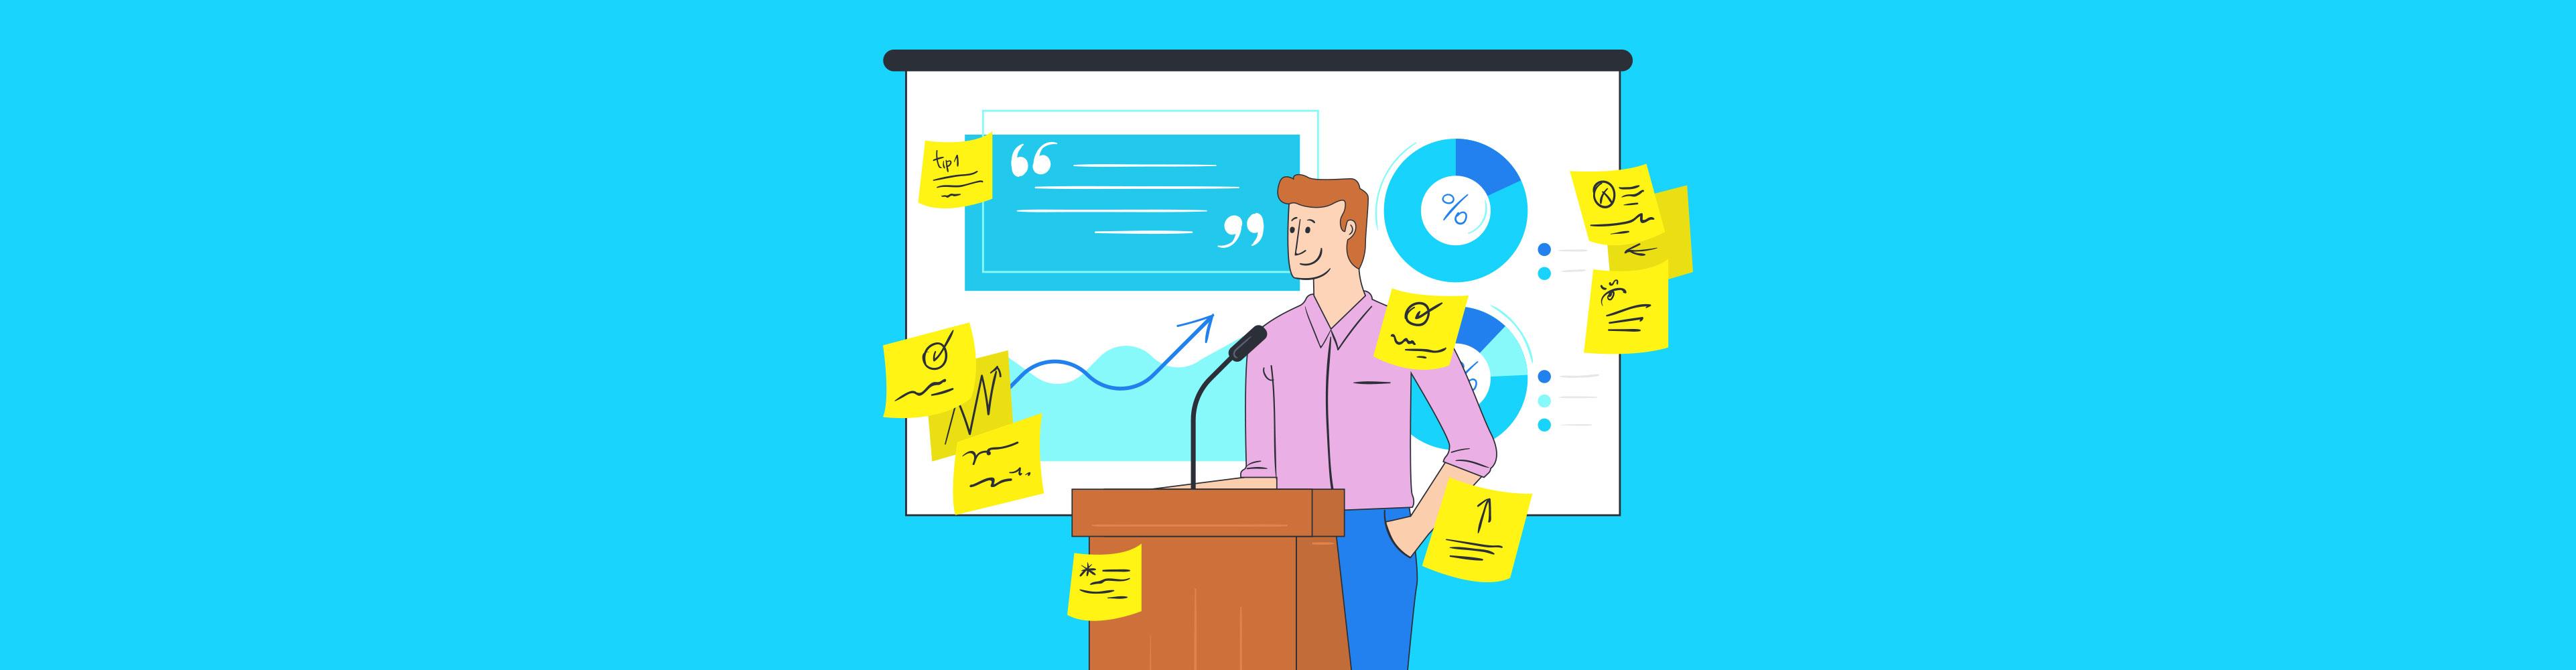 presentation tips - header wide